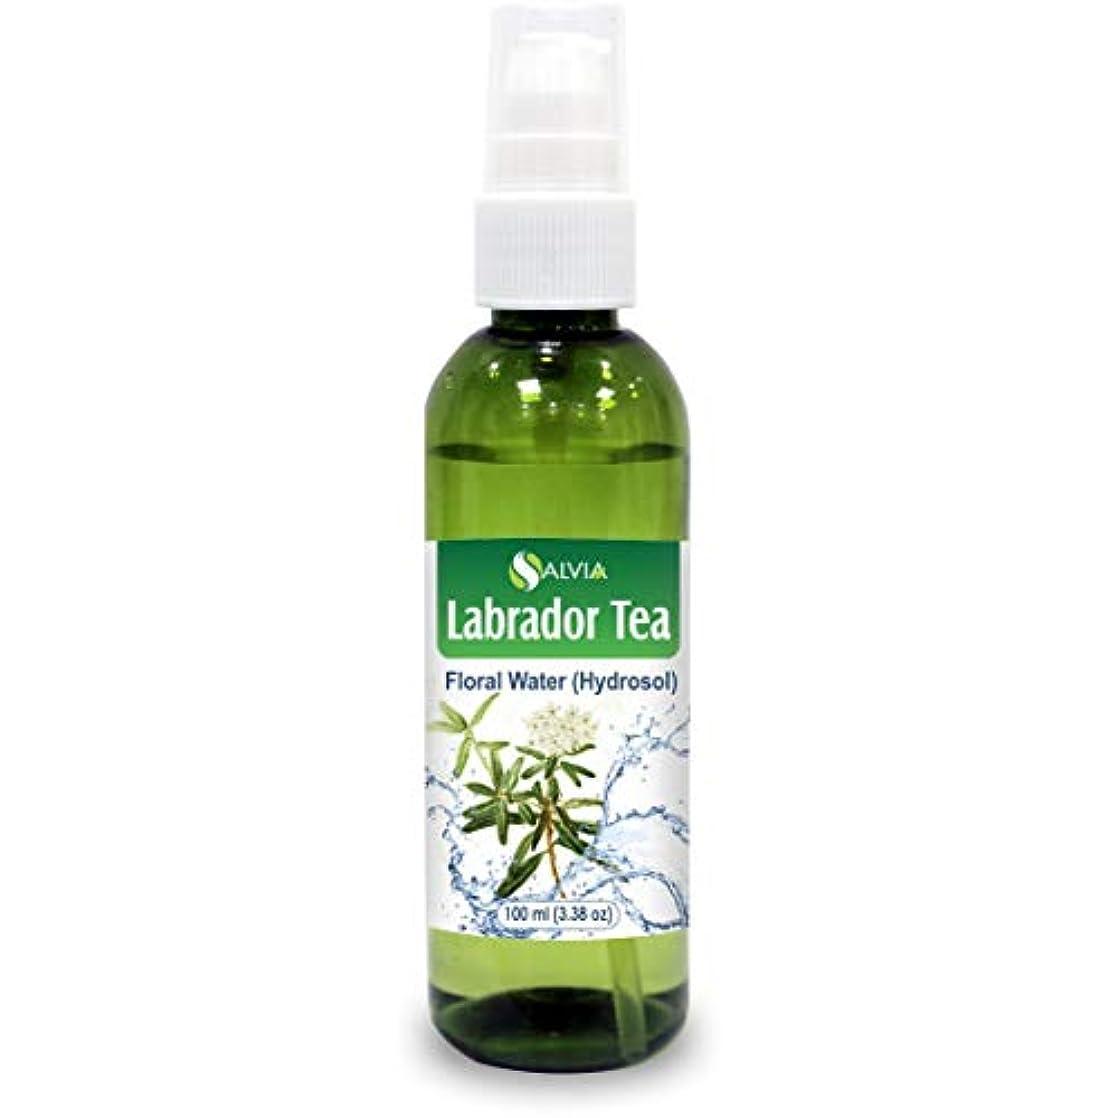 請求ポータブルスポーツをするLabrador Tea Floral Water 100ml (Hydrosol) 100% Pure And Natural